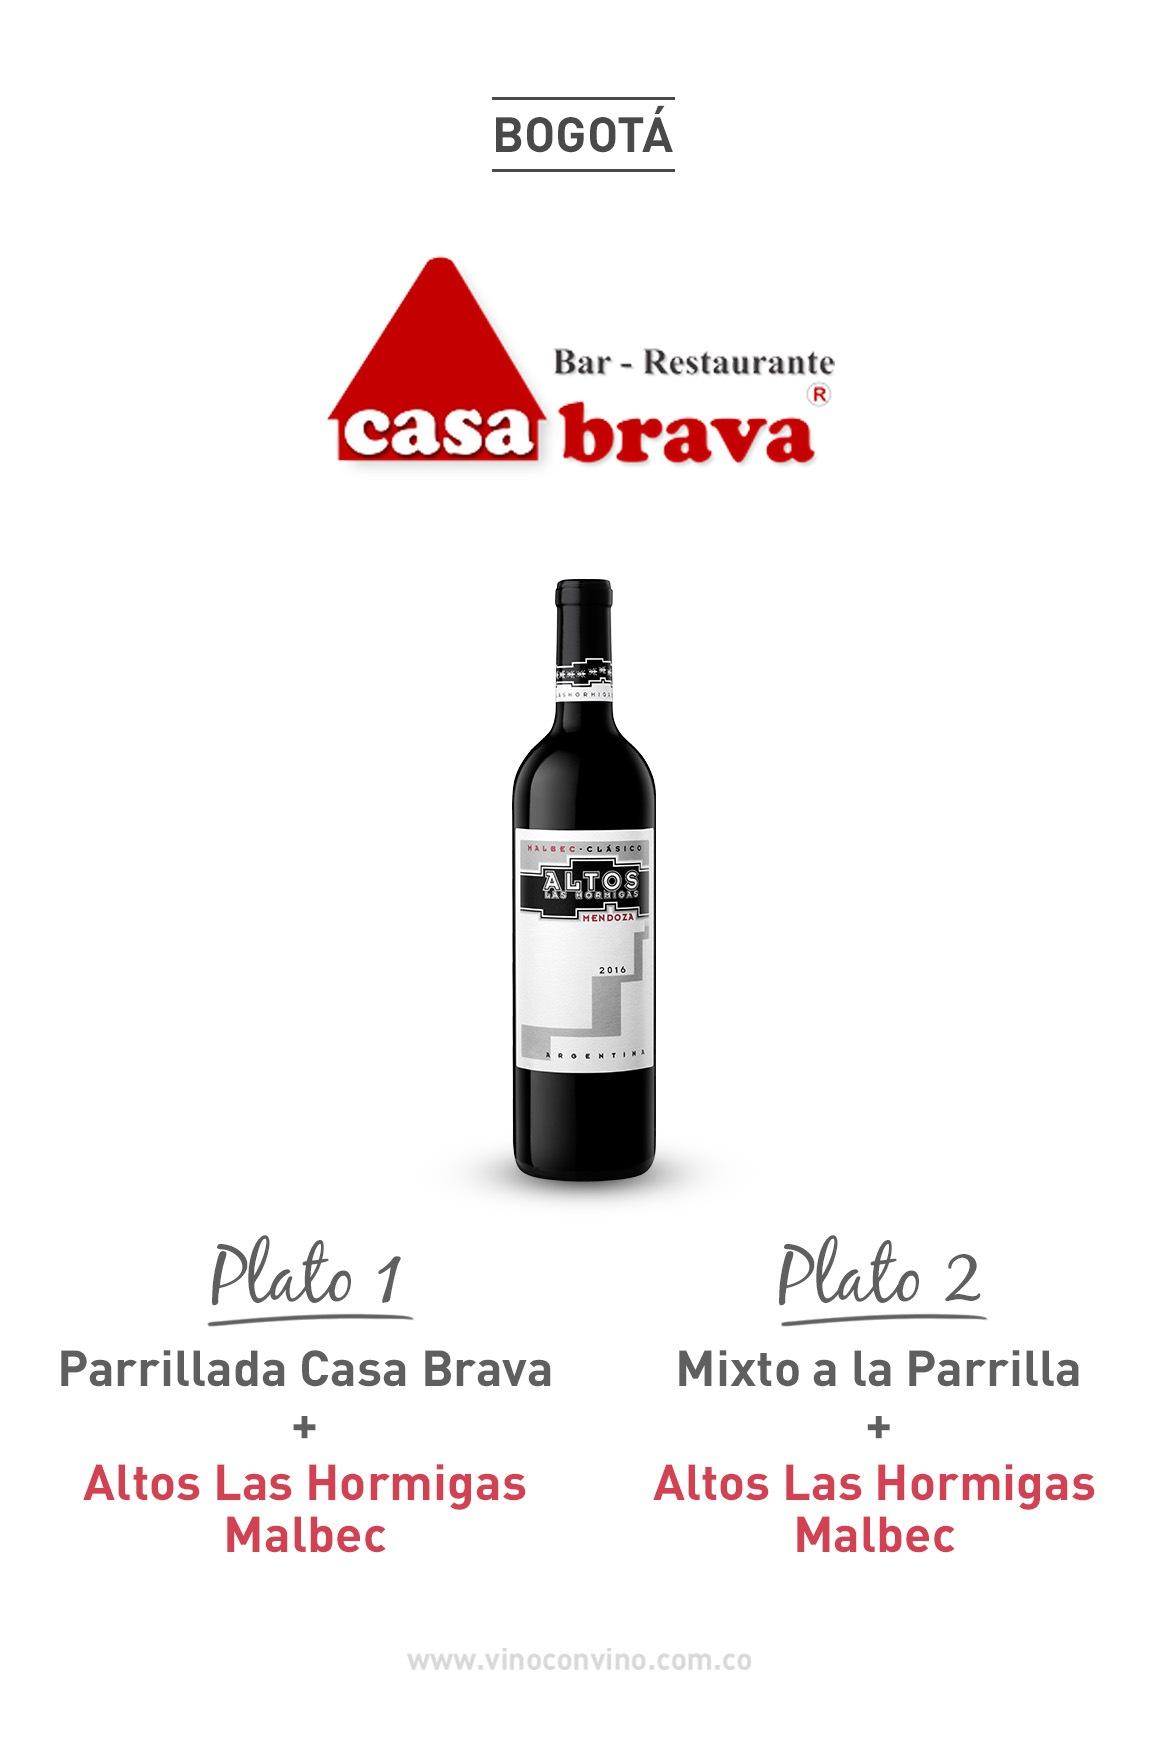 Parrilla y Malbec. Restaurante Casa Brava